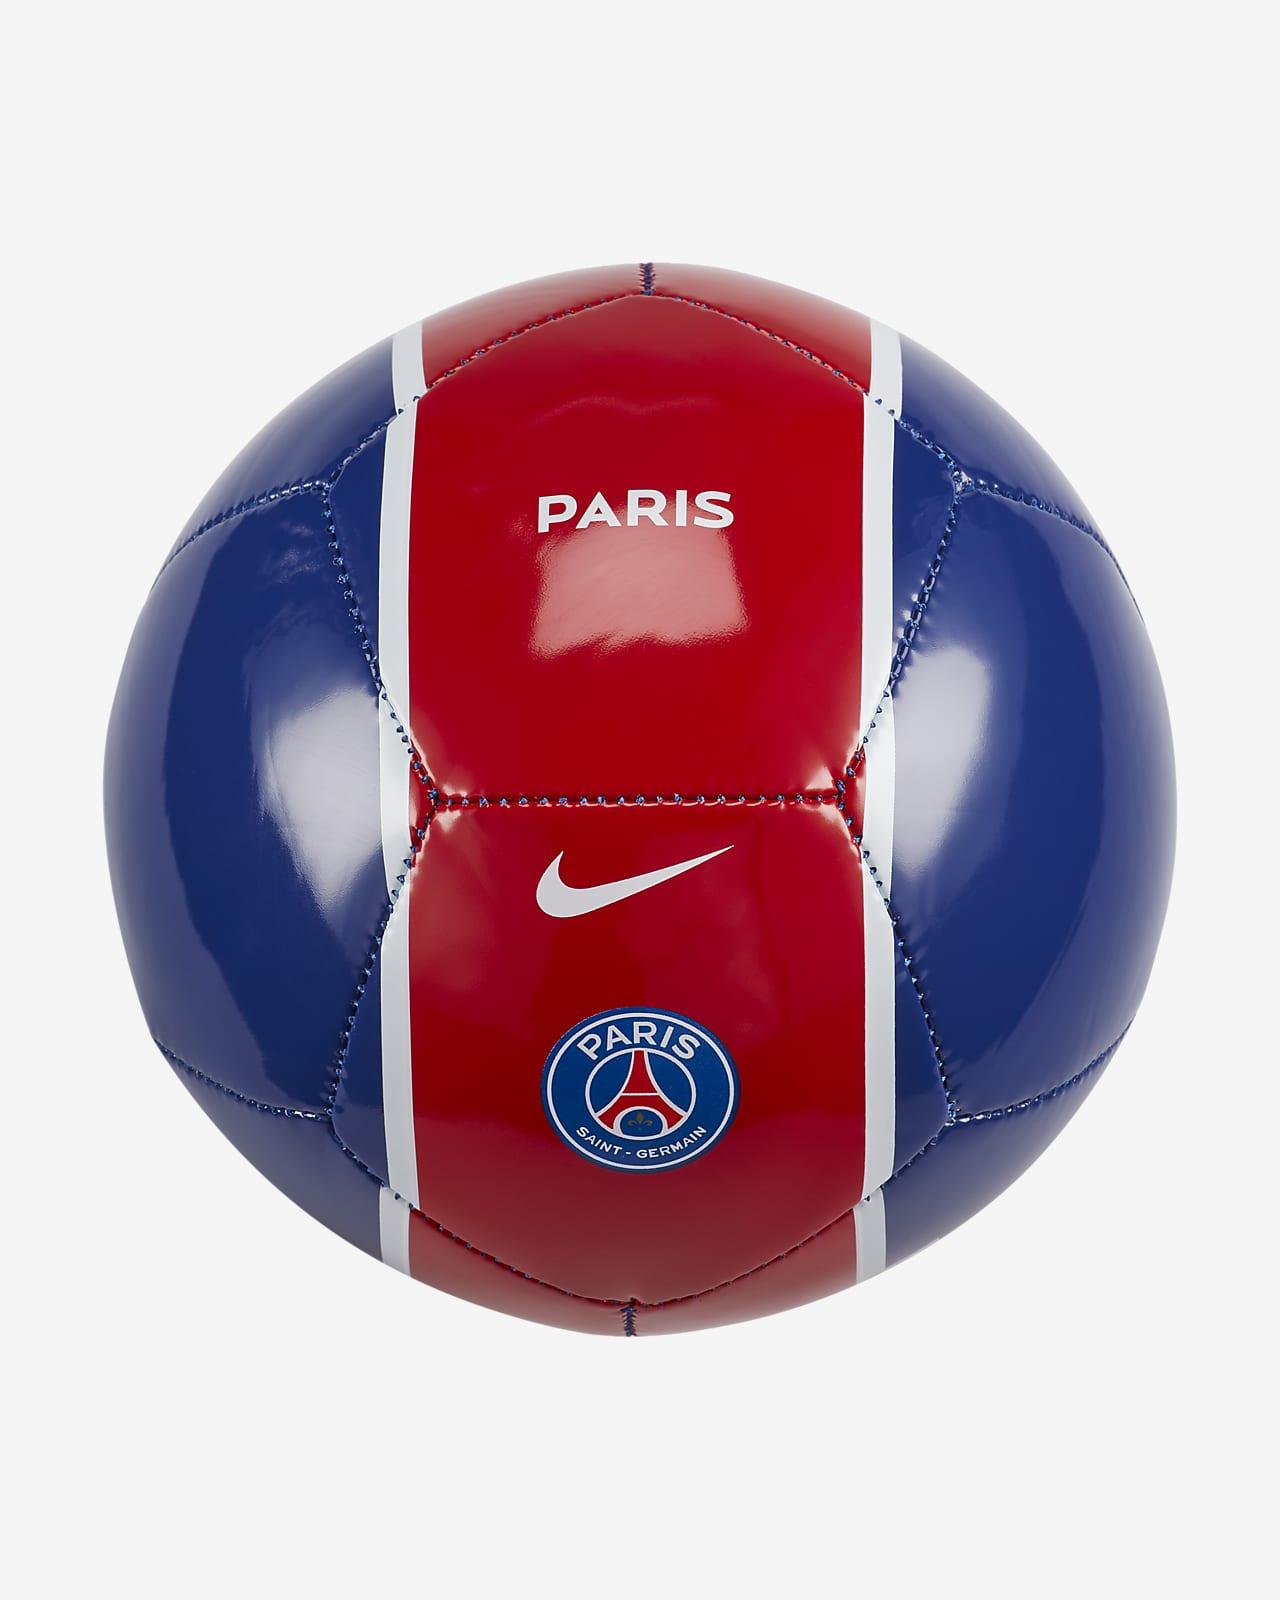 巴黎圣日耳曼纪念小球足球